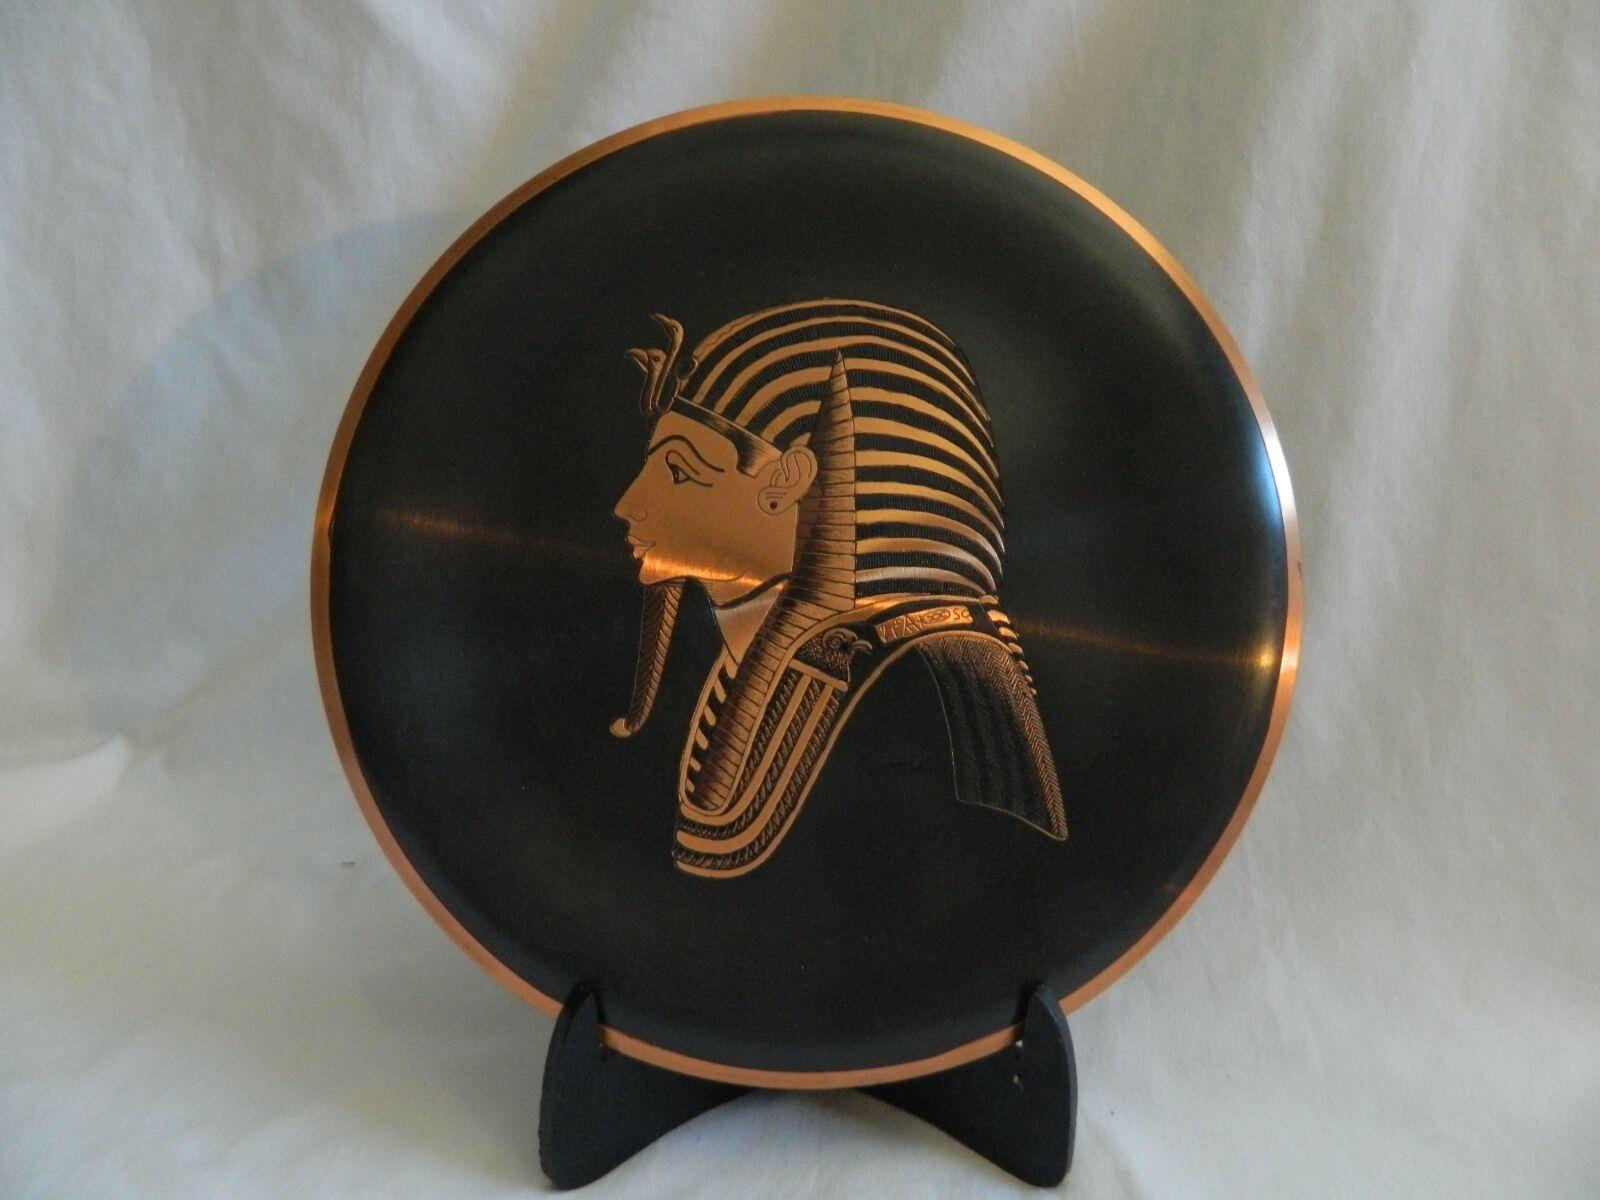 Ägyptisch Kupfer Dekor Platte König Hochwertig 25.4cm 25.4cm 25.4cm Außergewöhnlich | Zu einem erschwinglichen Preis  551620